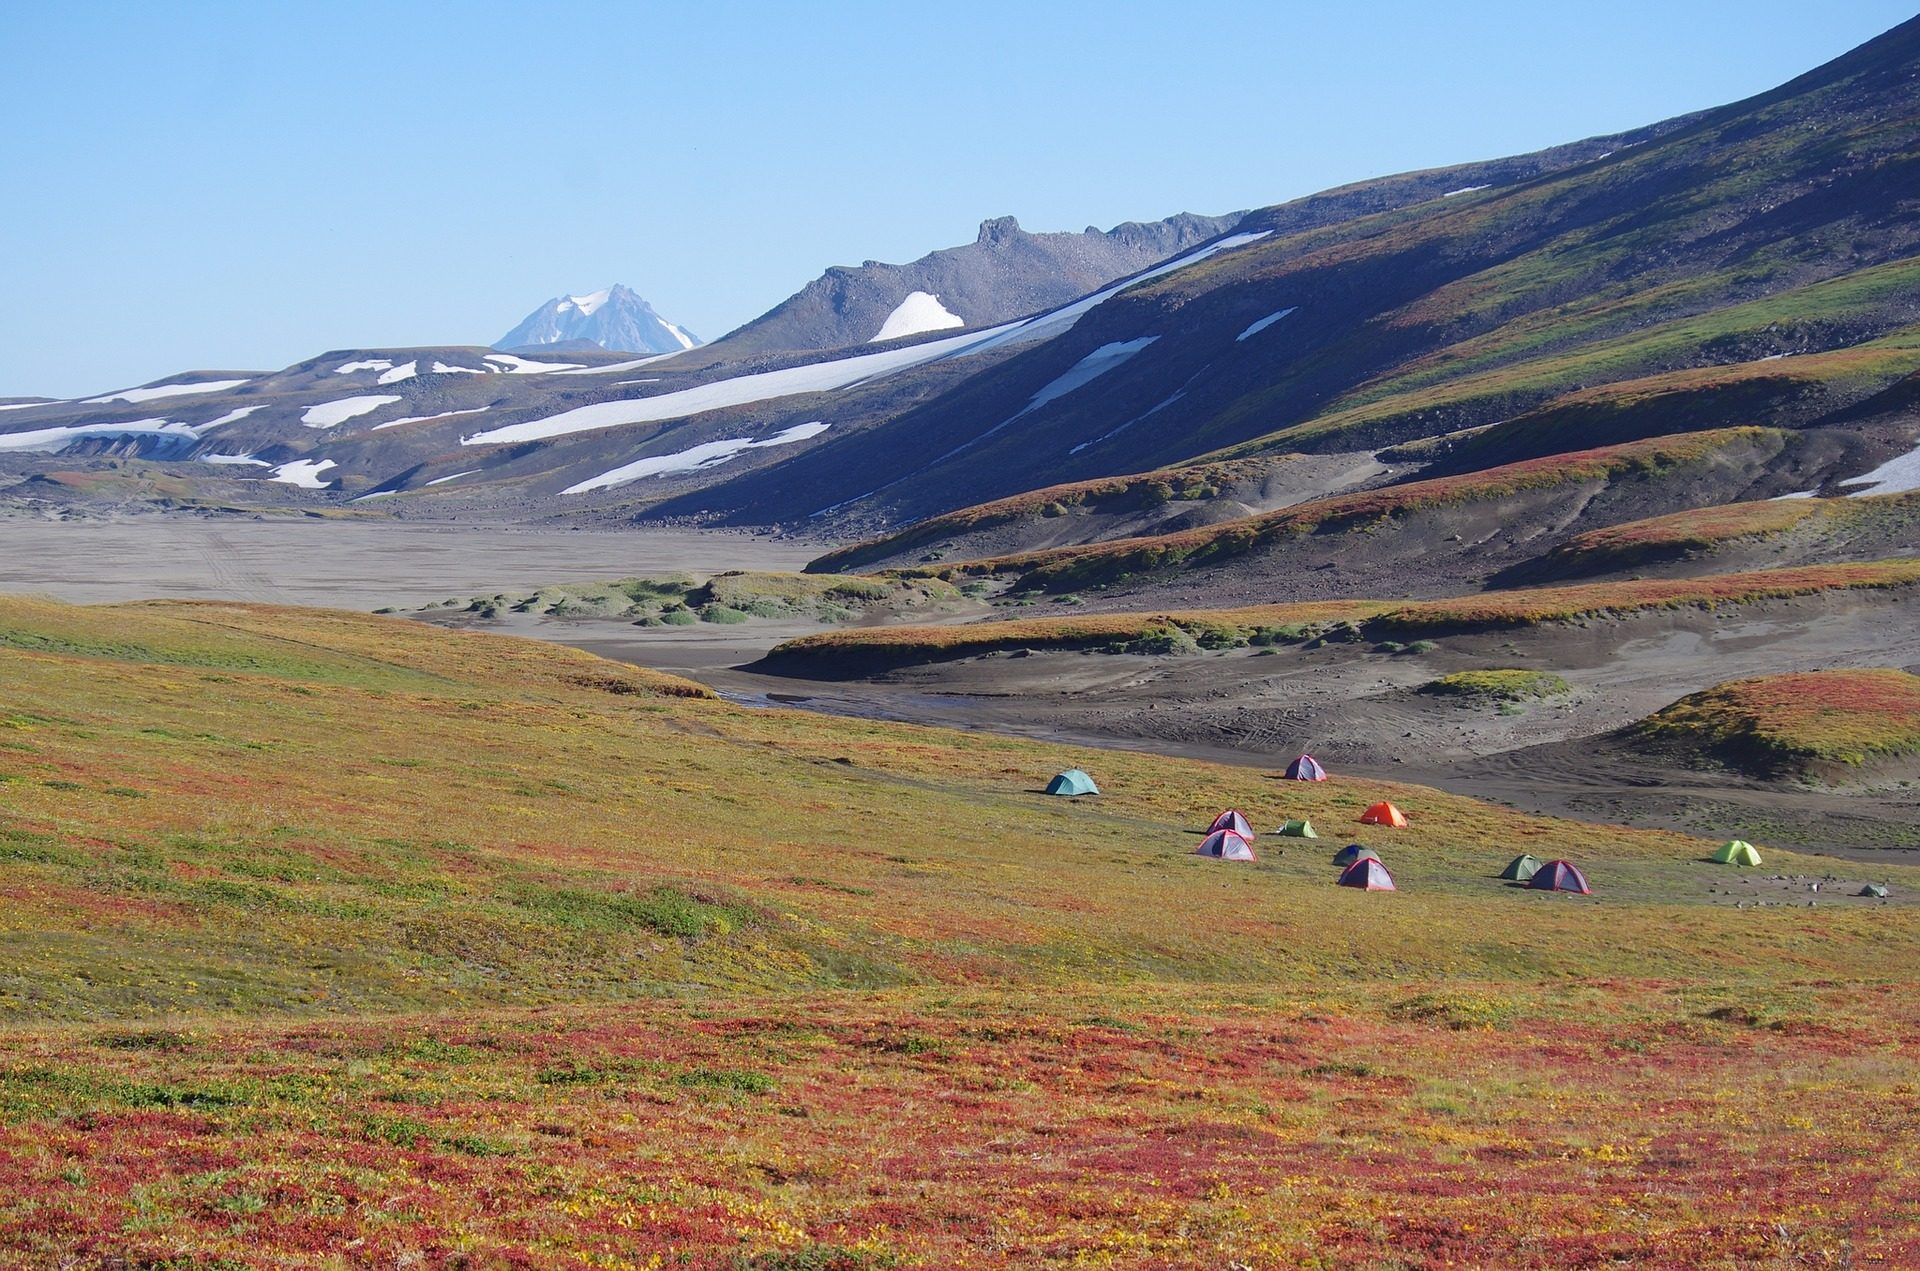 montañas, tiendas, acampada, ladera, expedición - Fondos de Pantalla HD - professor-falken.com